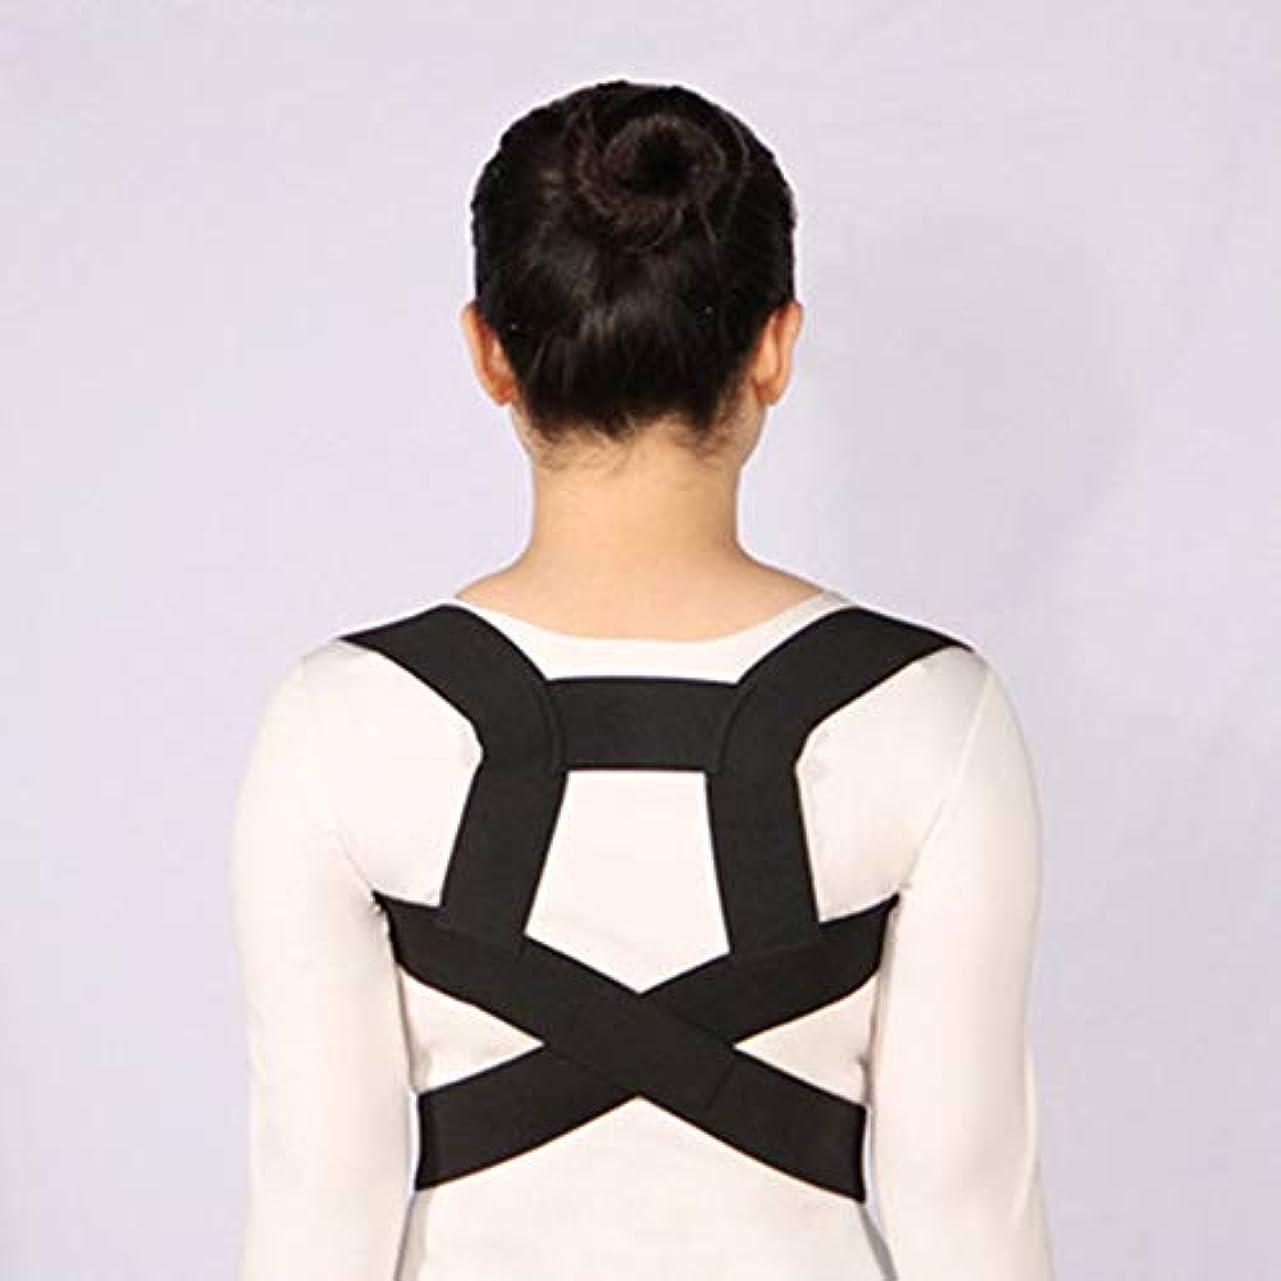 モスエンターテインメント部姿勢矯正側弯症ザトウクジラ補正ベルト調節可能な快適さ目に見えないベルト男性女性大人シンプル - 黒